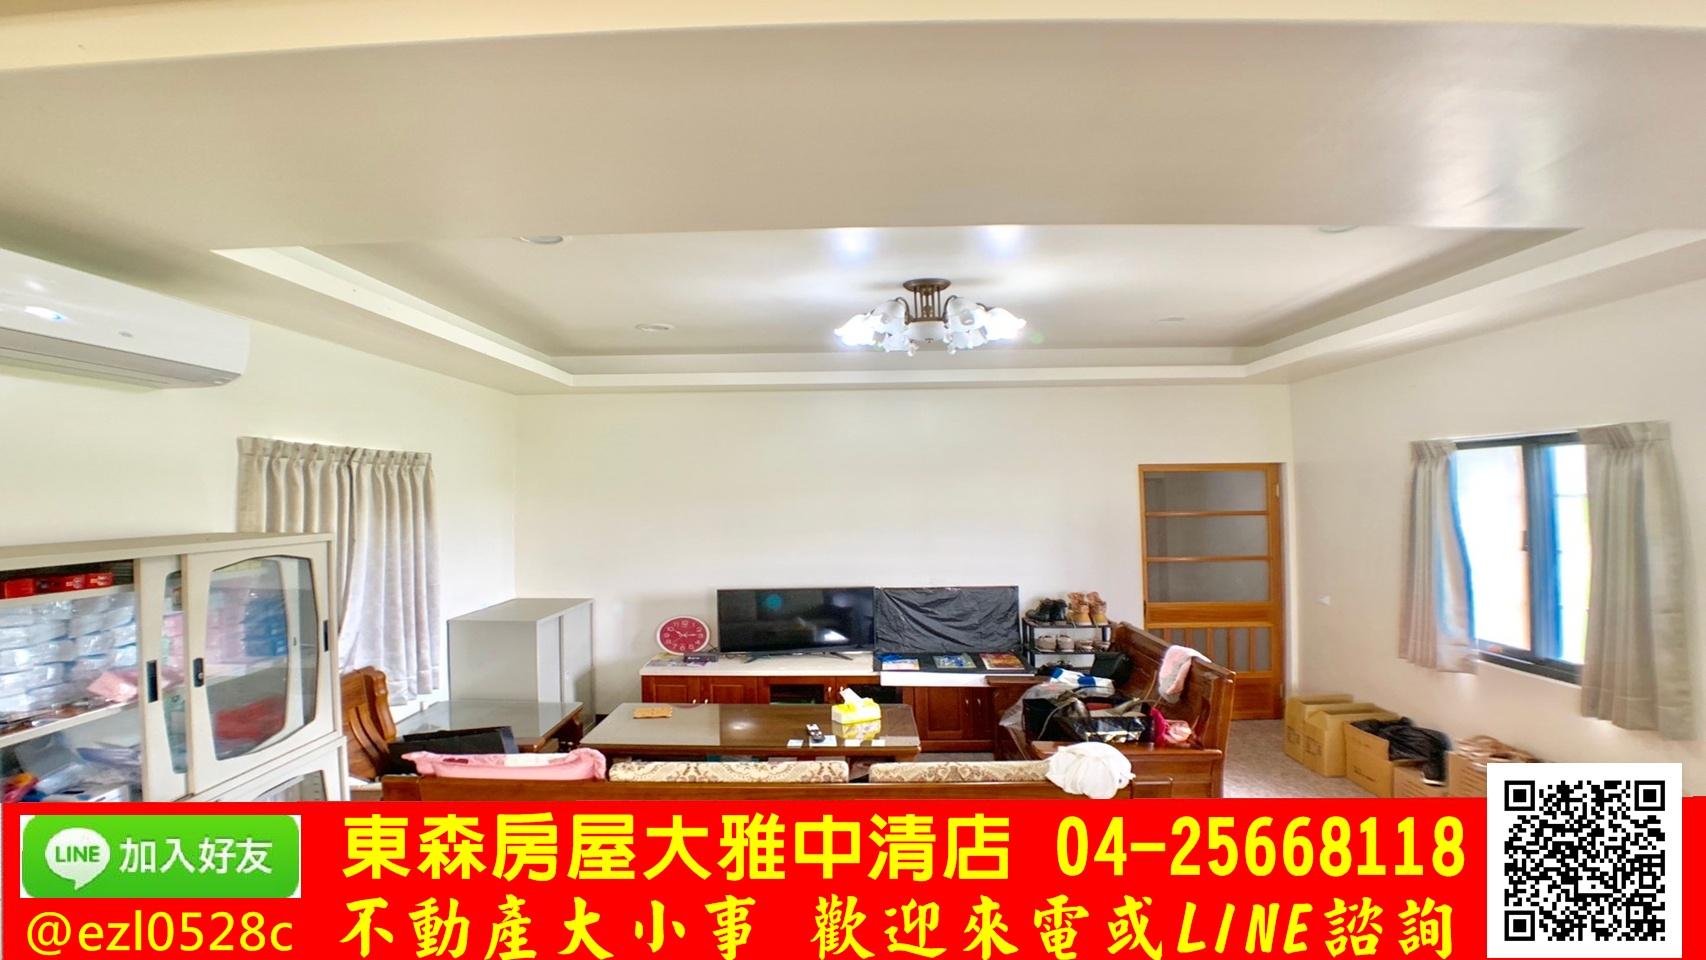 東森房屋大雅中清店-豪華農舍